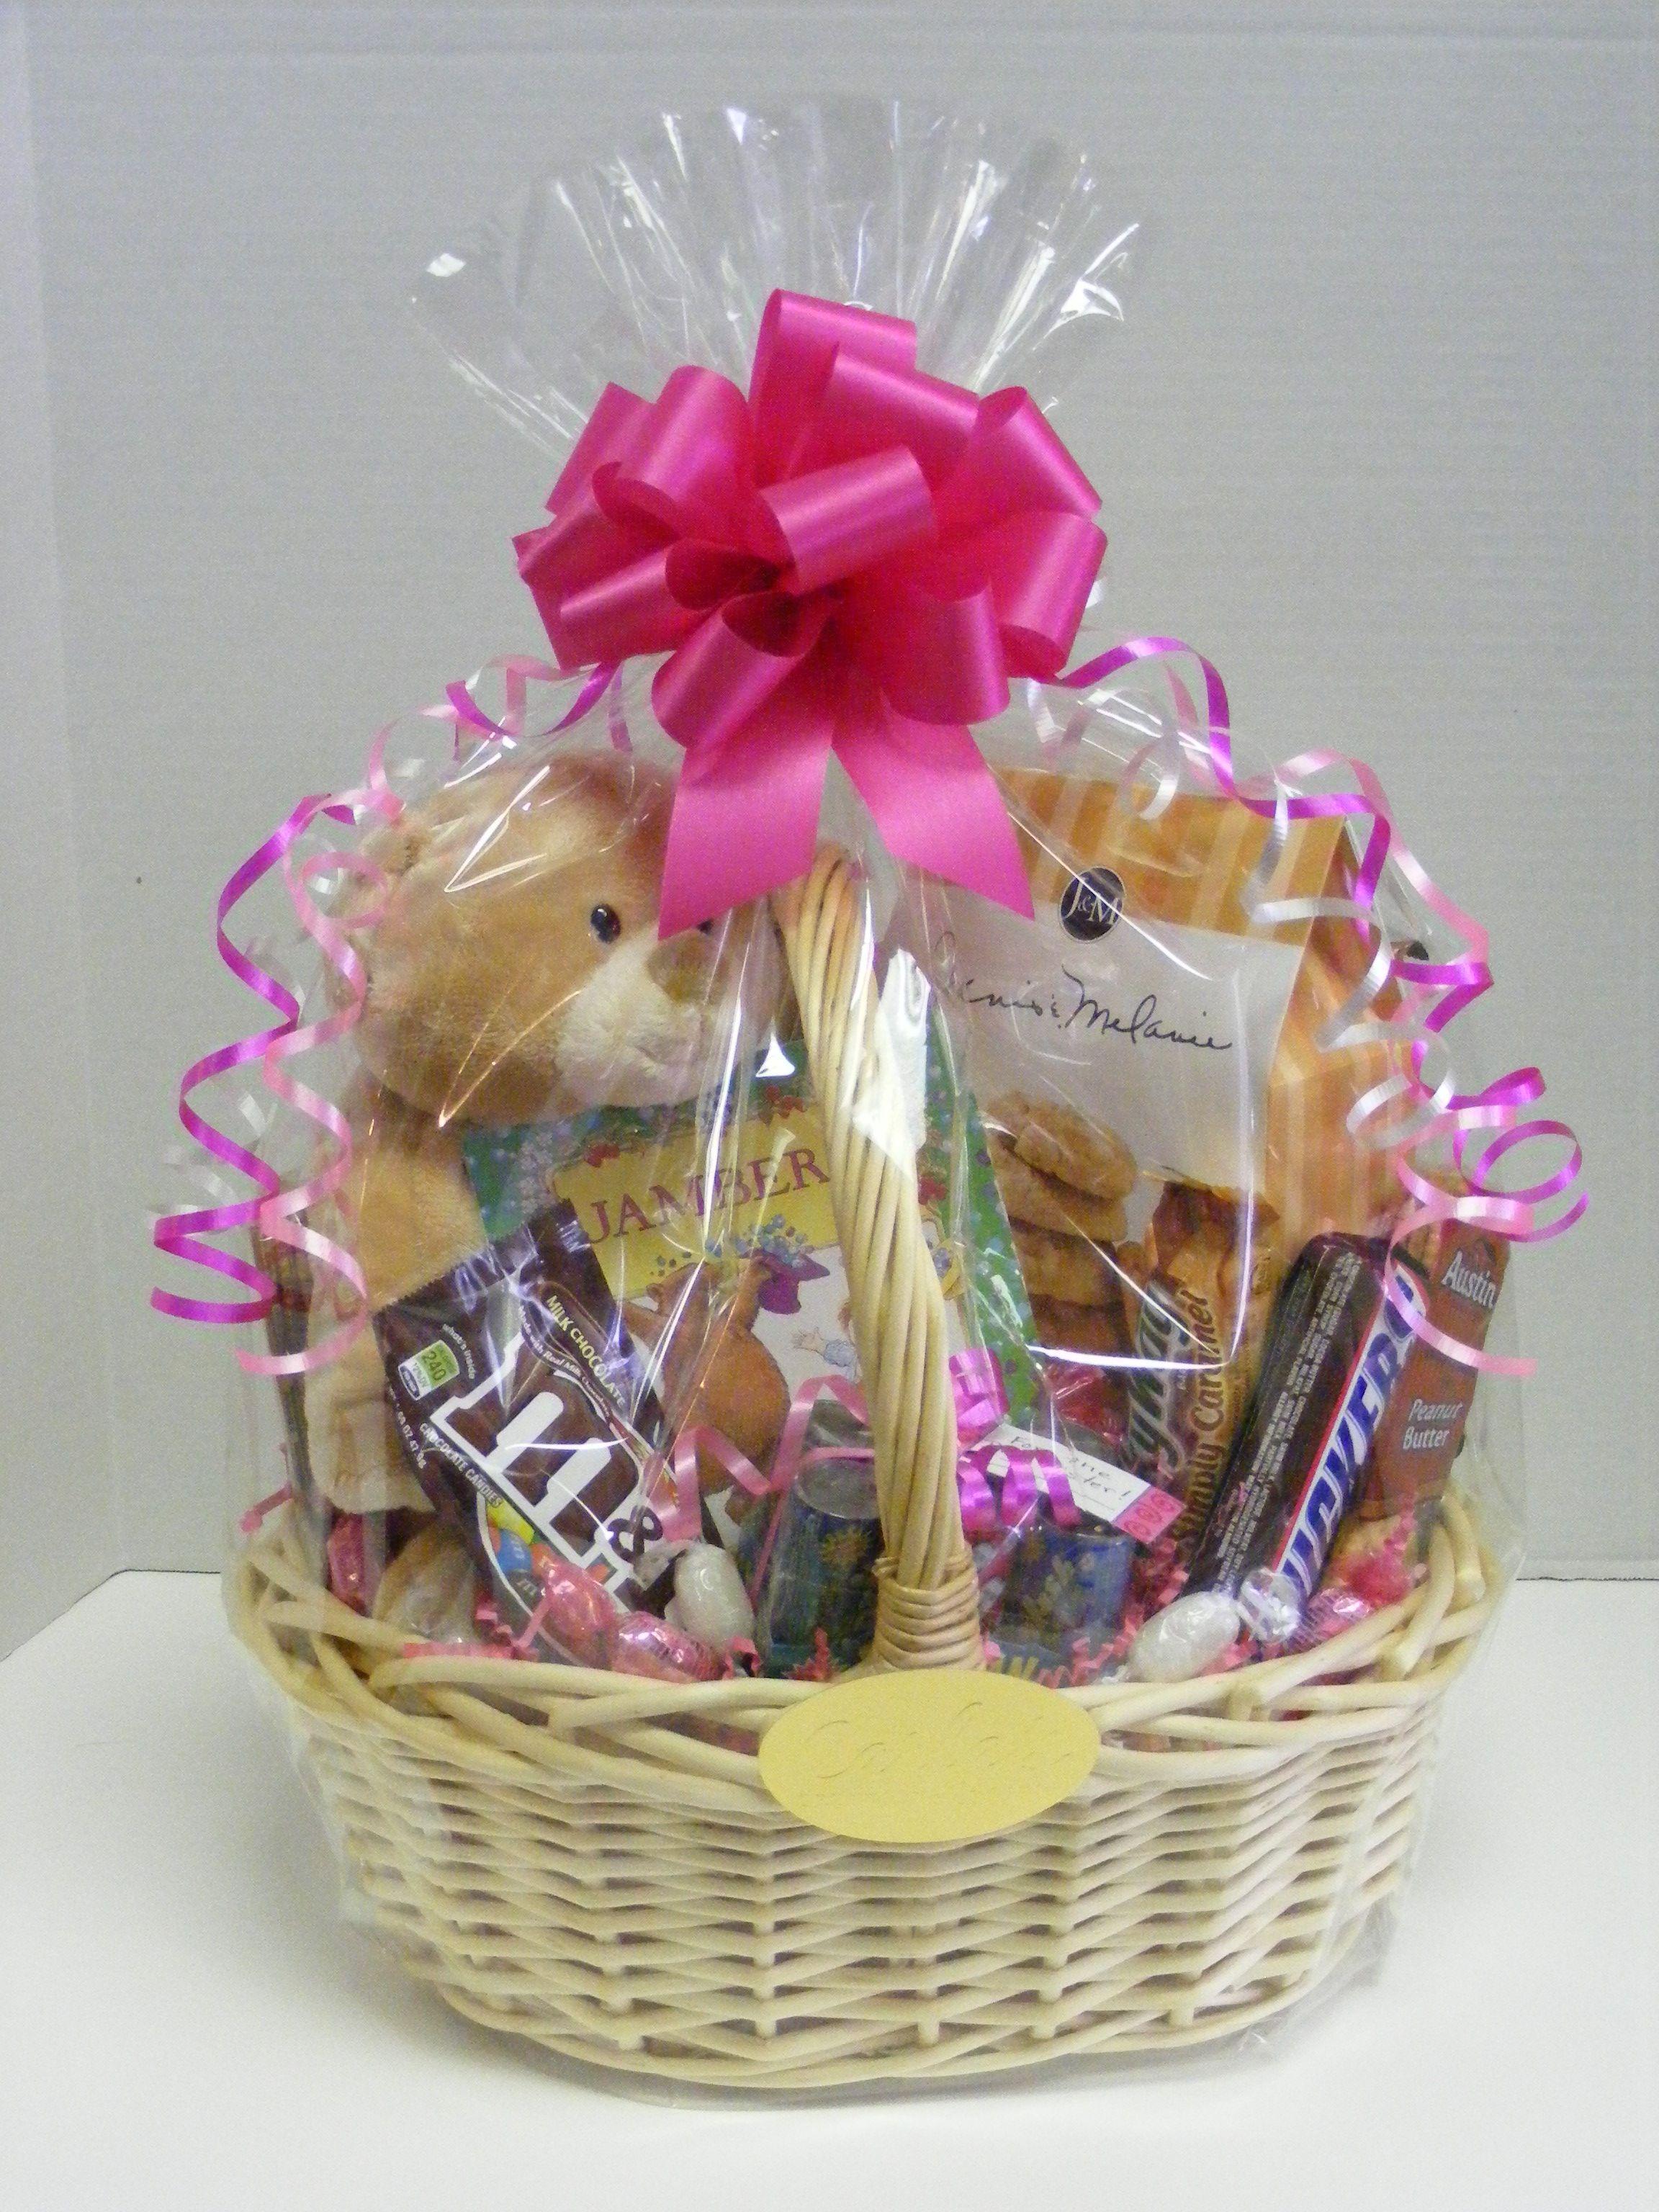 12 days of christmas gift basket jamberry